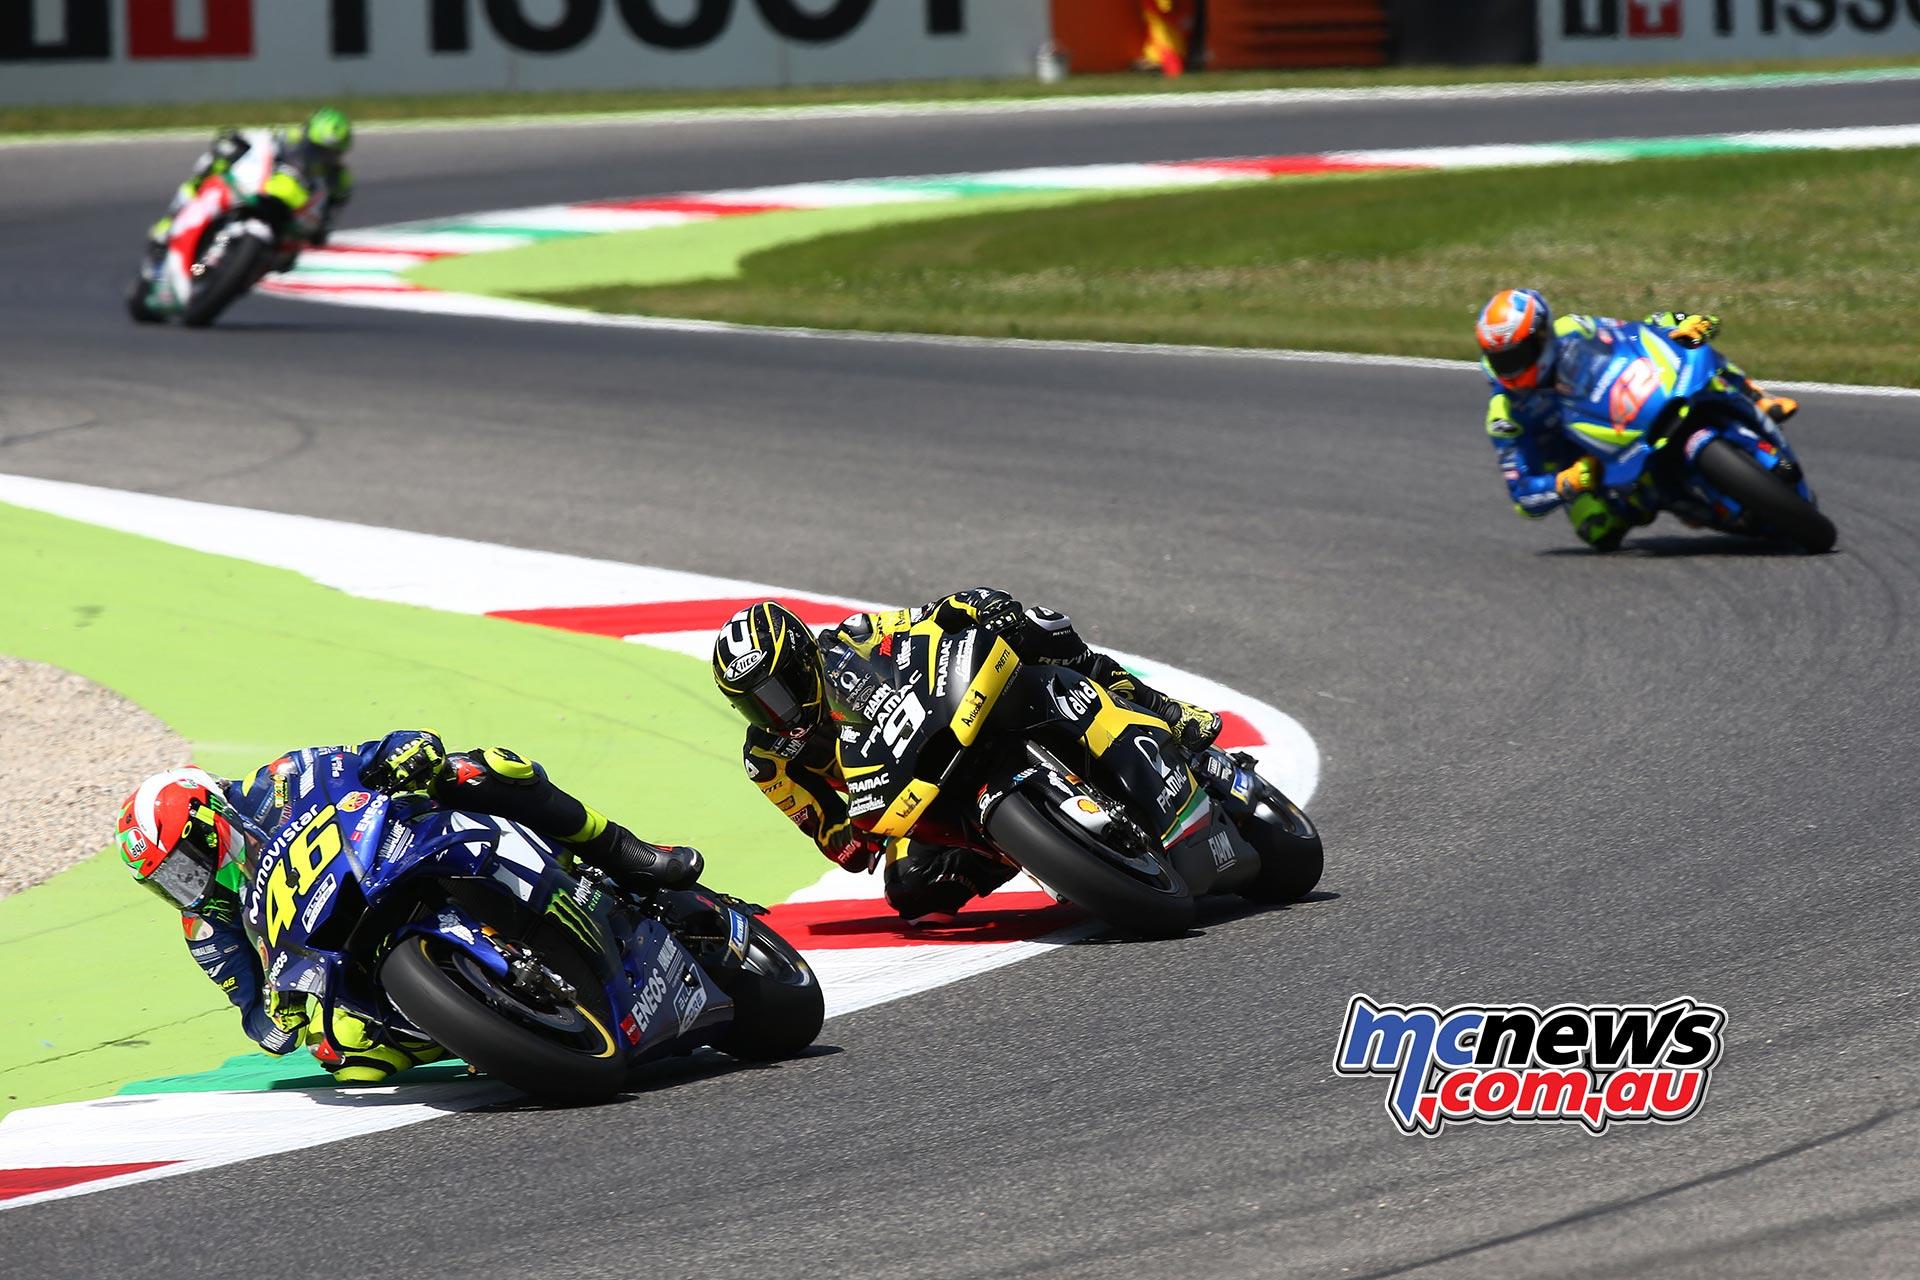 2018 Mugello MotoGP | Gallery C | MCNews.com.au